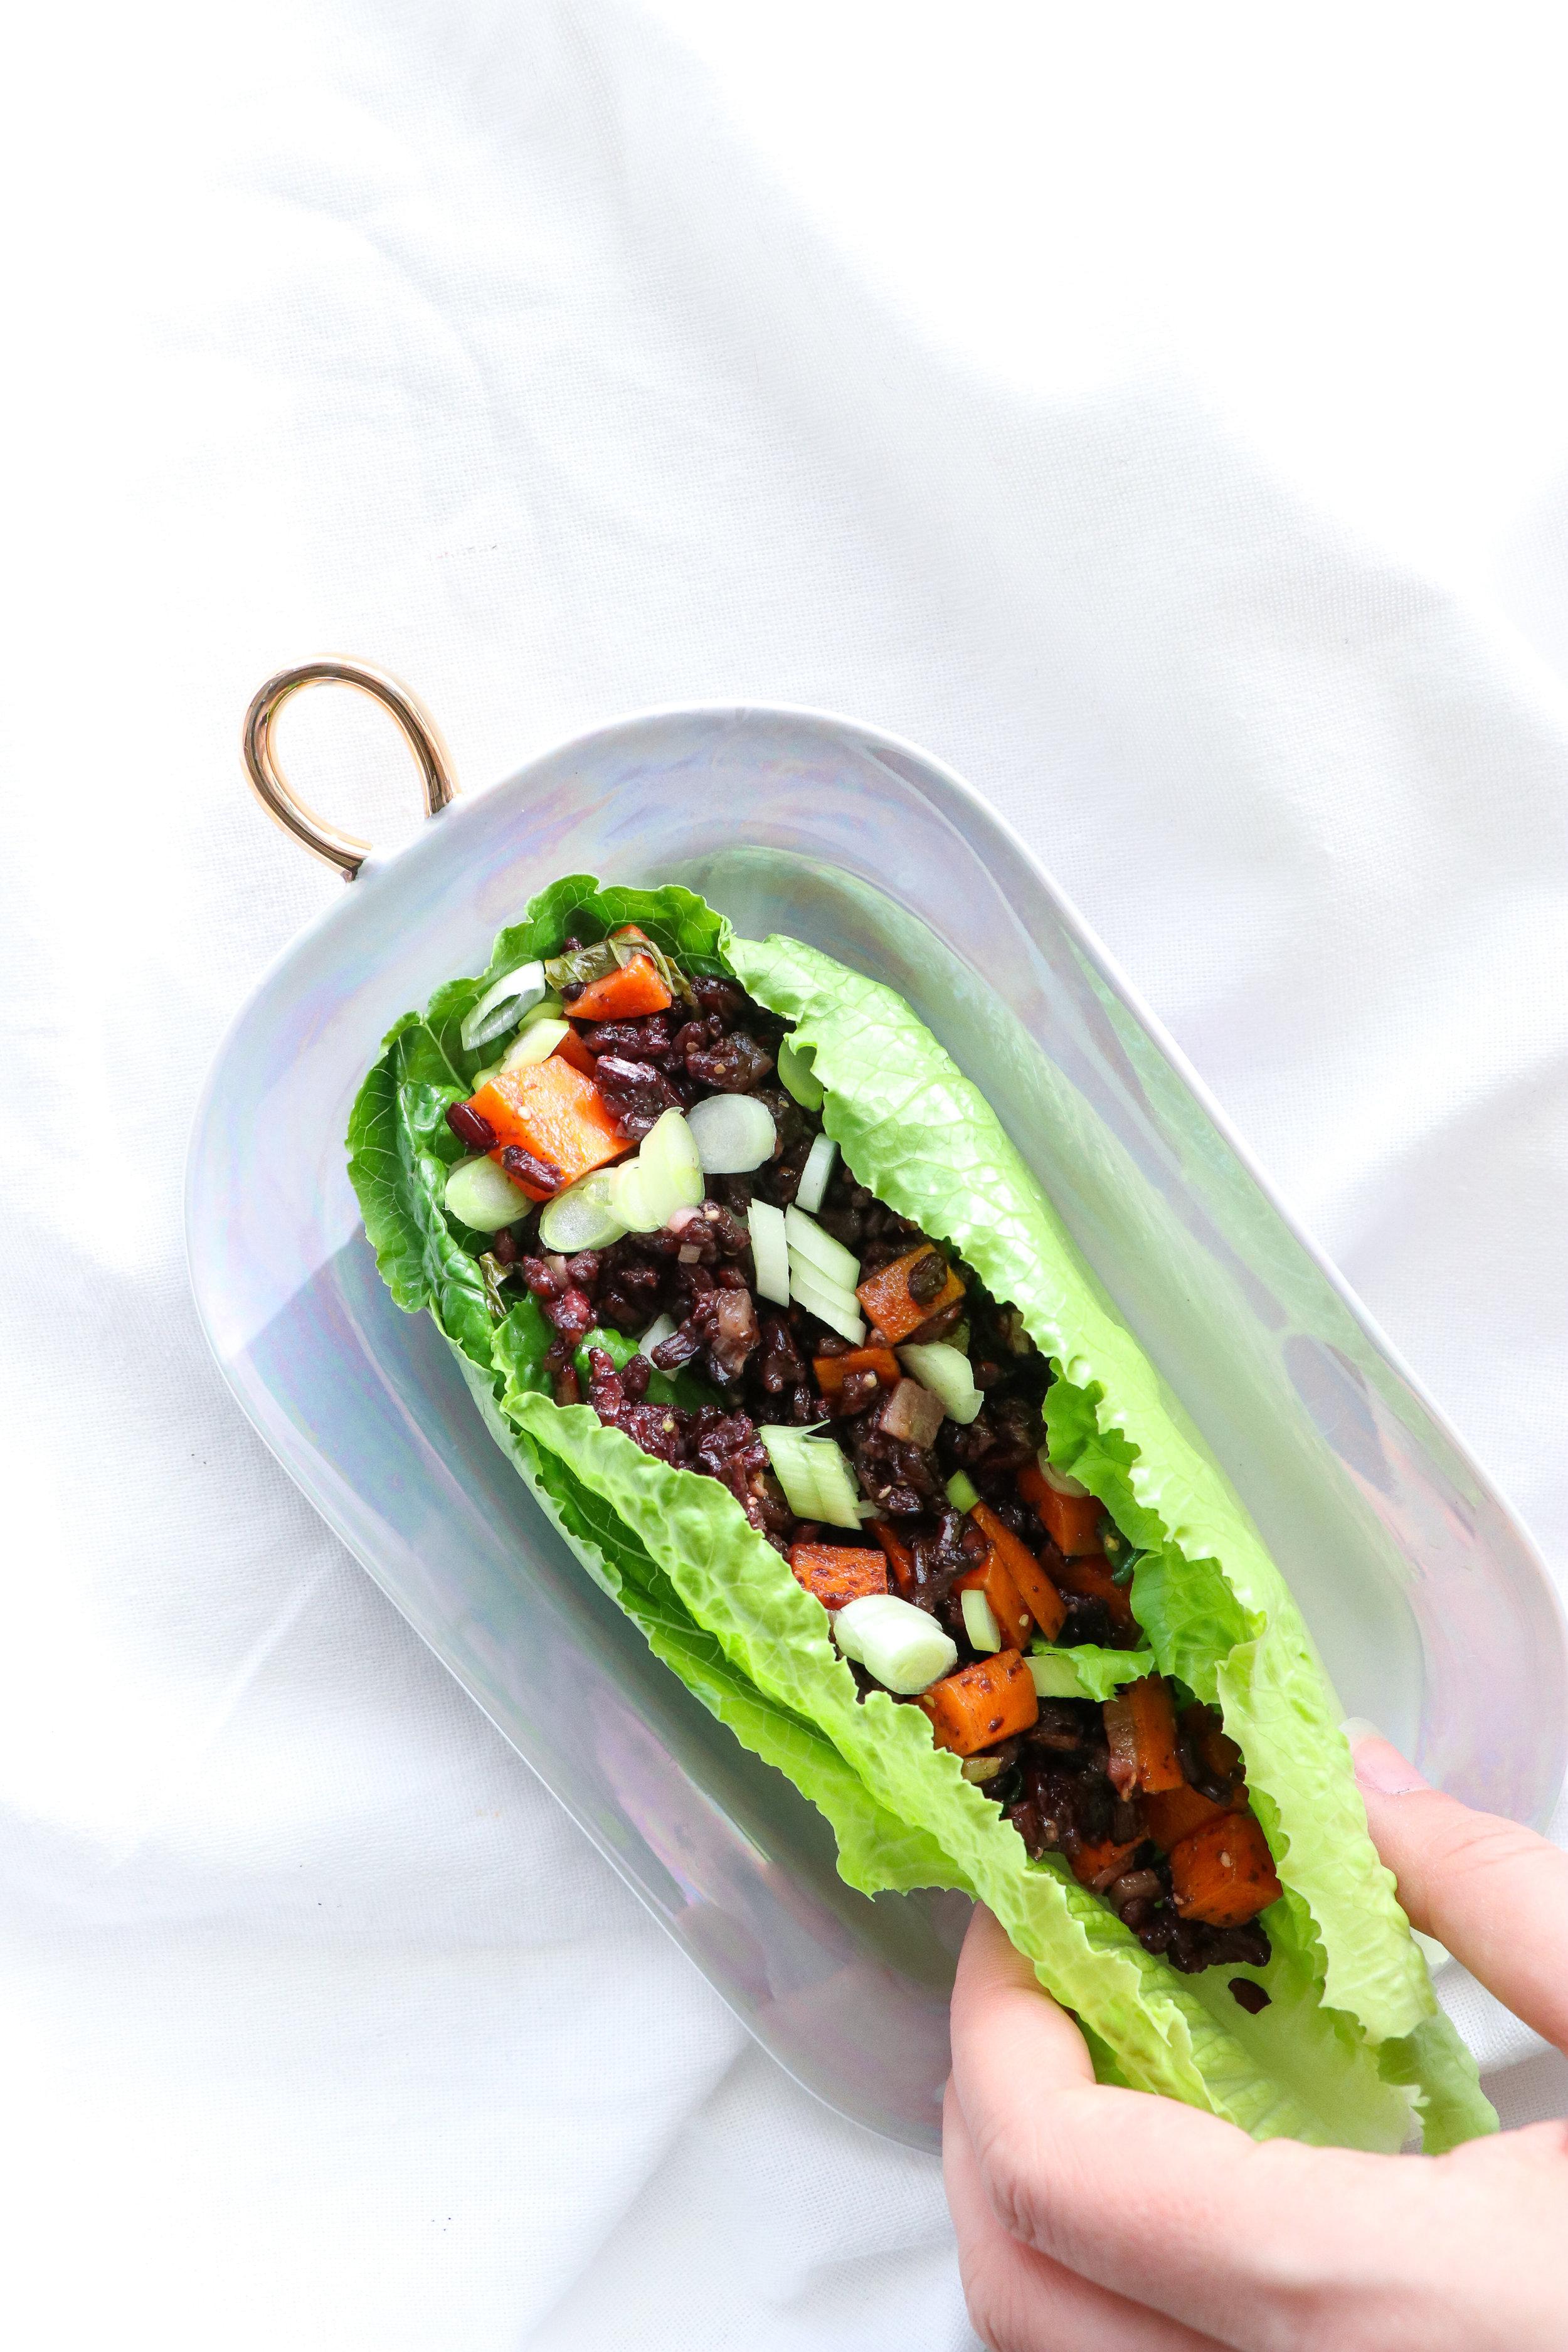 Wild rice lettuce wrap 1.jpg